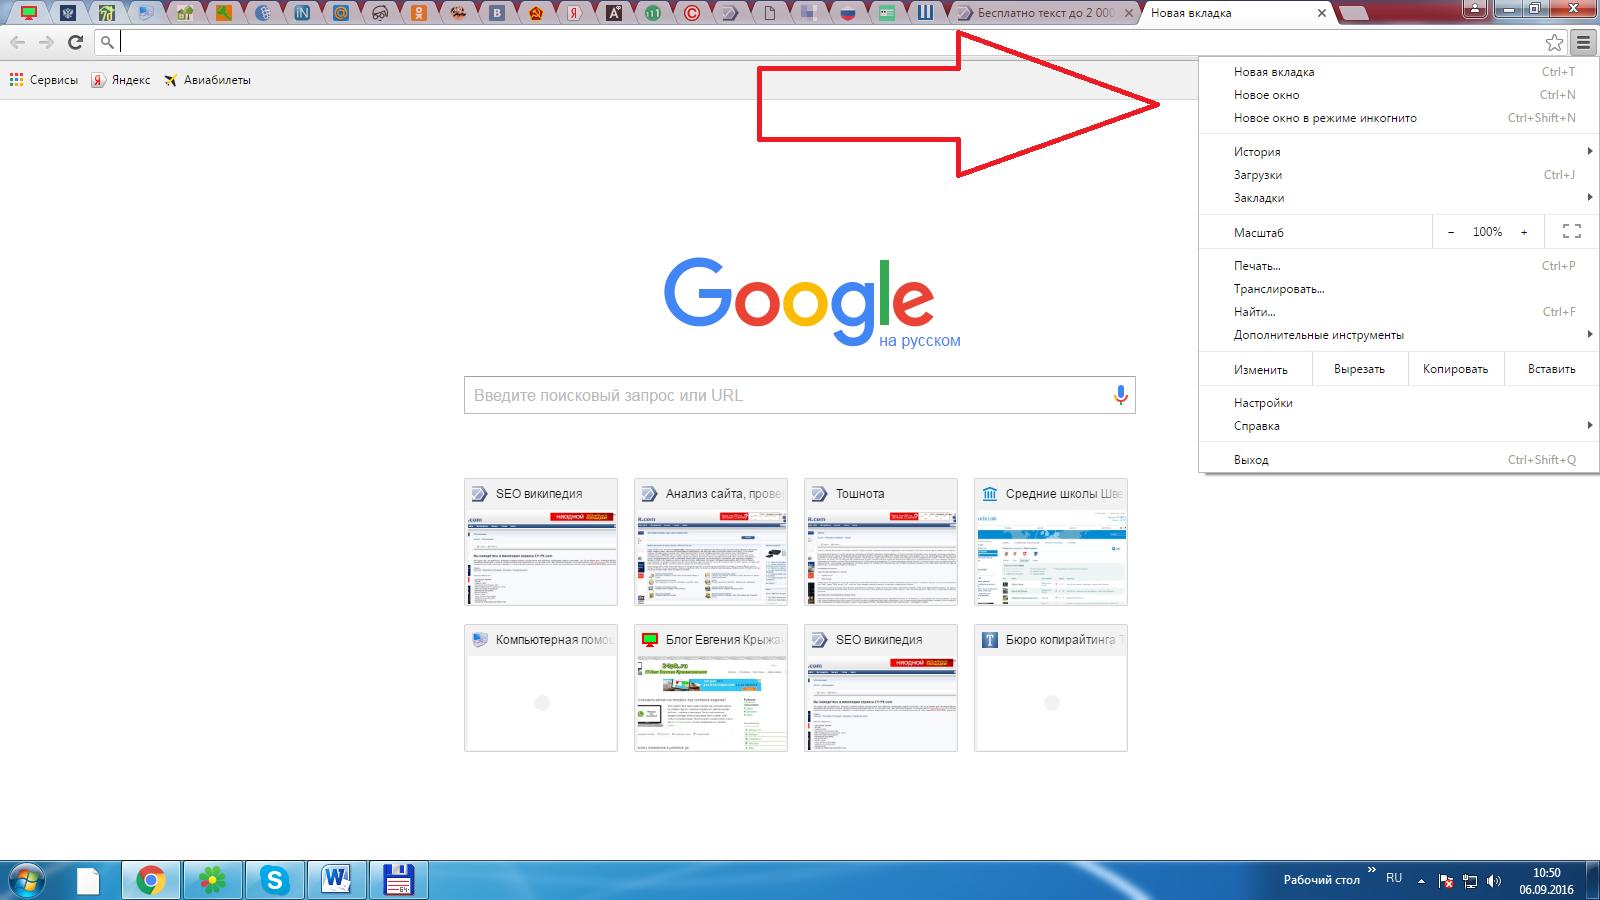 Как посмотреть сохраненные пароли в Гугл Хром